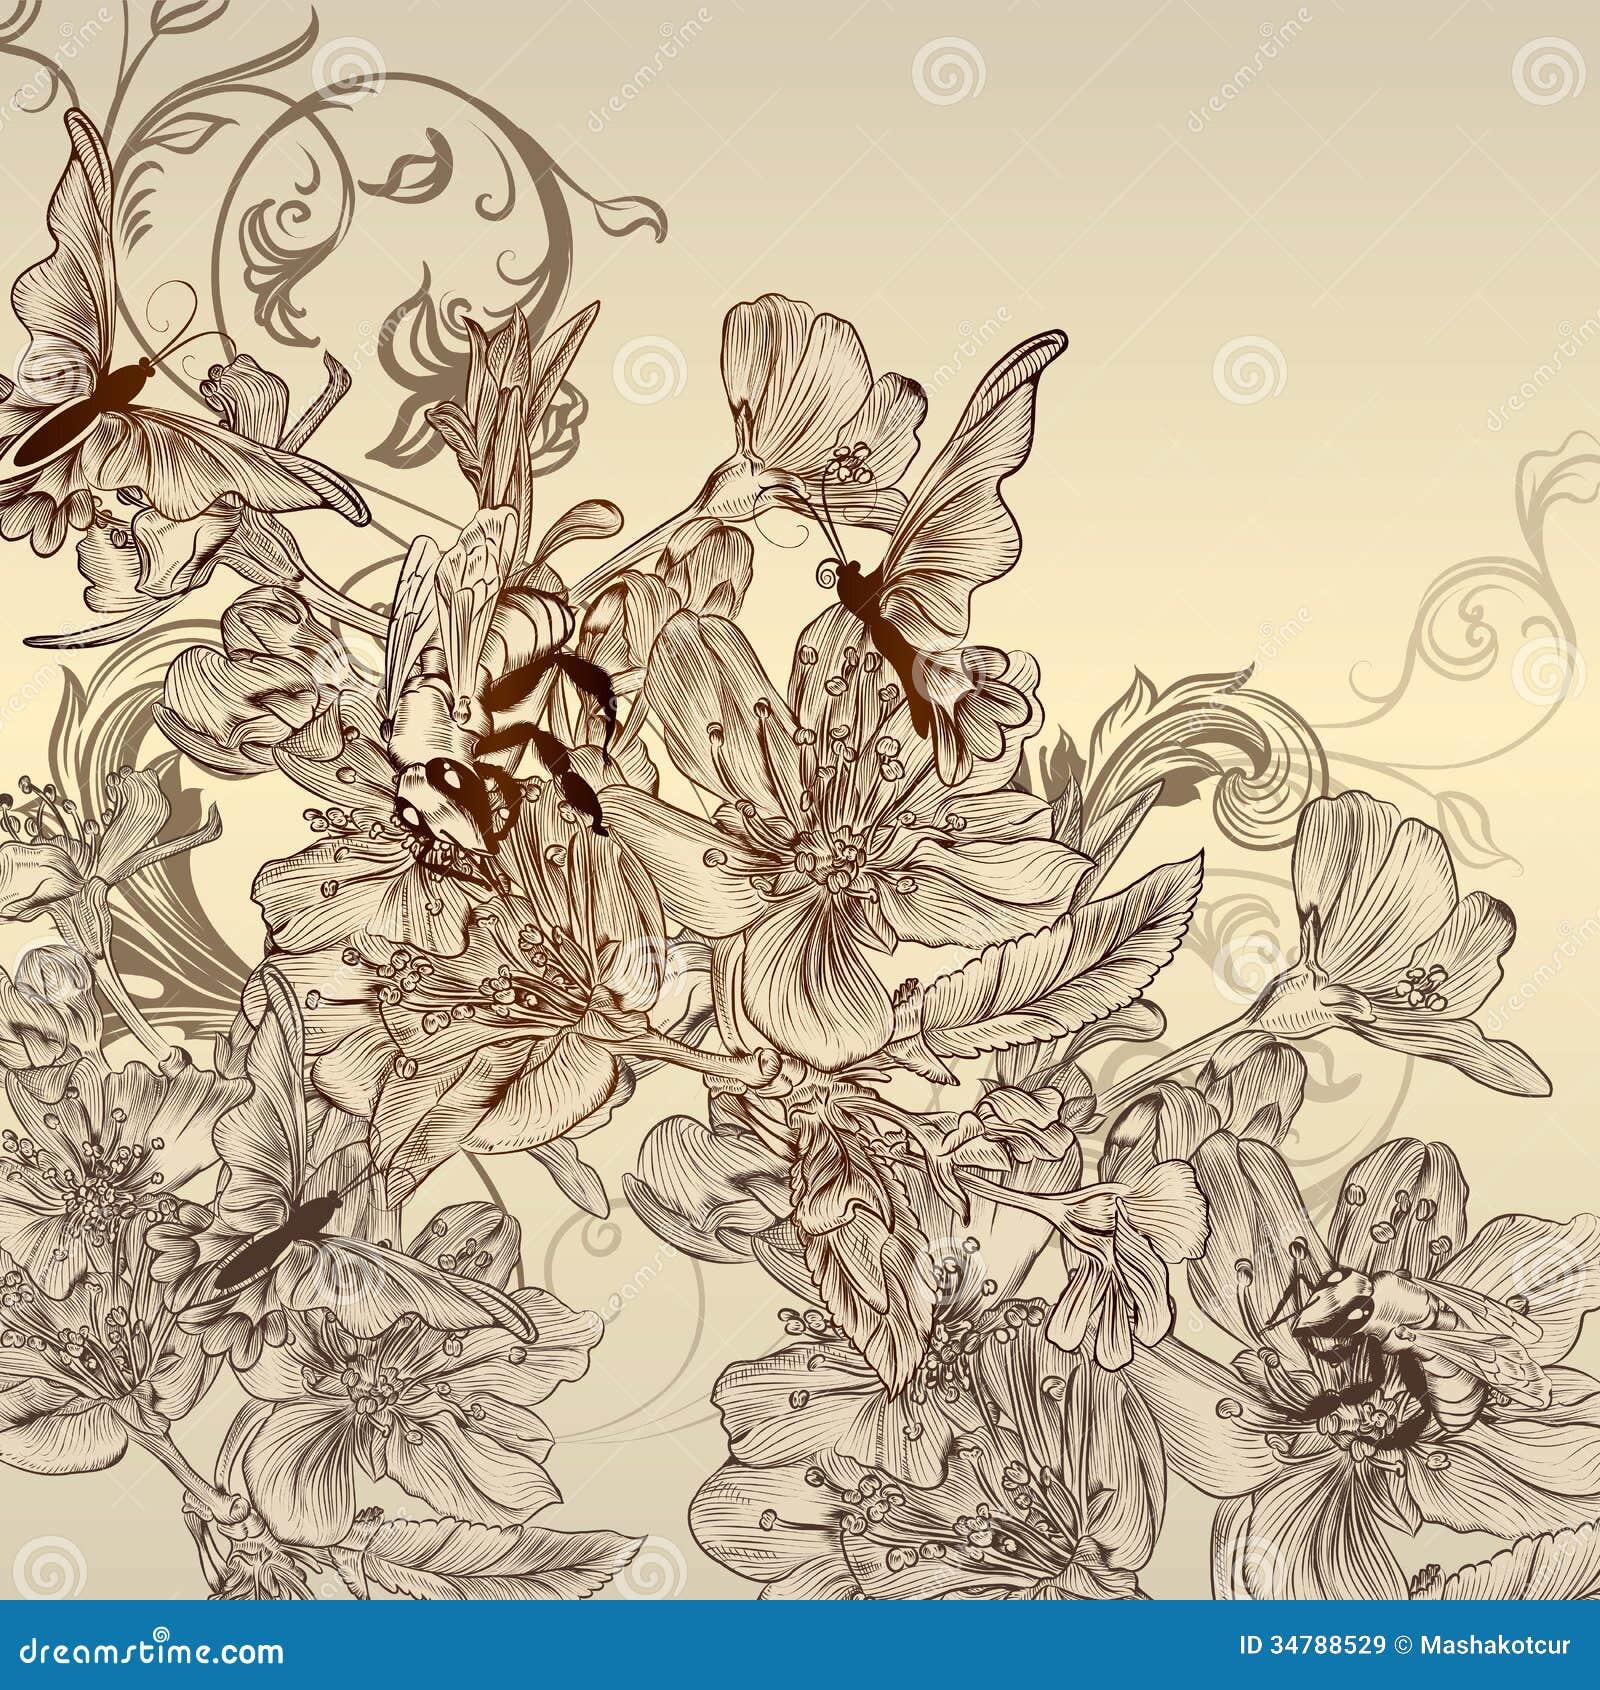 Beautiful background with hand drawn flowers stock vector beautiful background with hand drawn flowers mightylinksfo